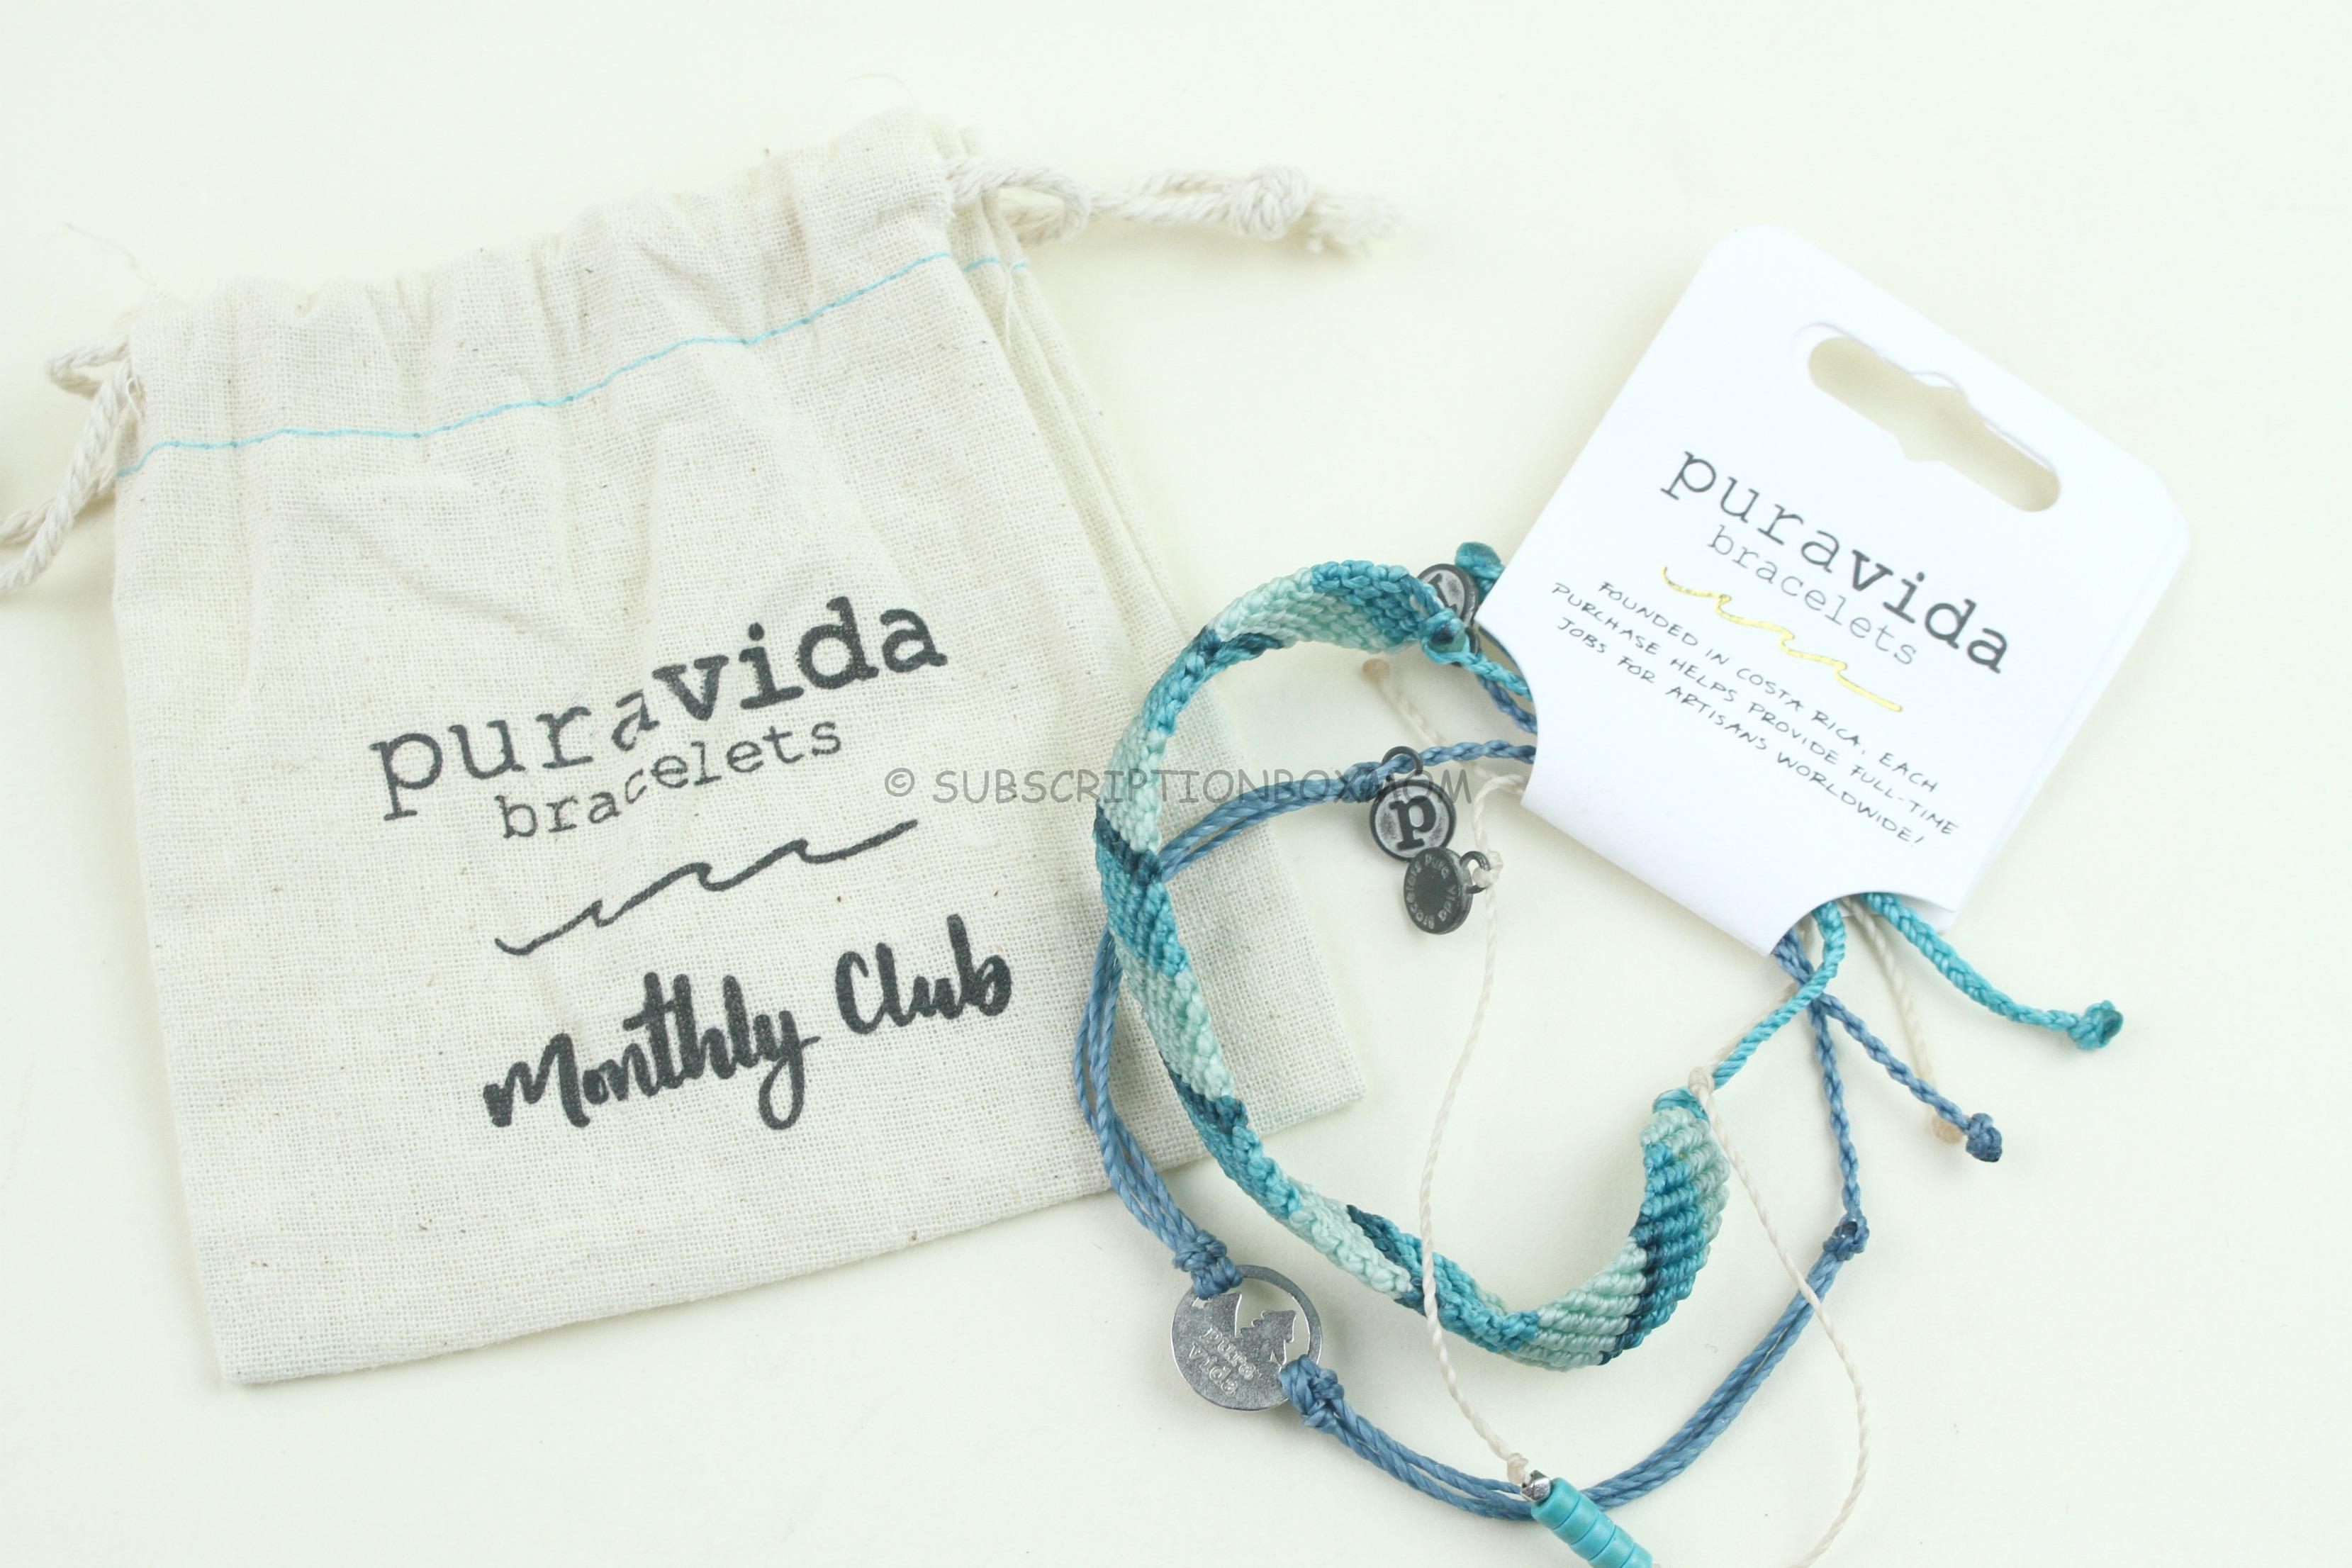 September 2018 Pura Vida Bracelets Review Coupon